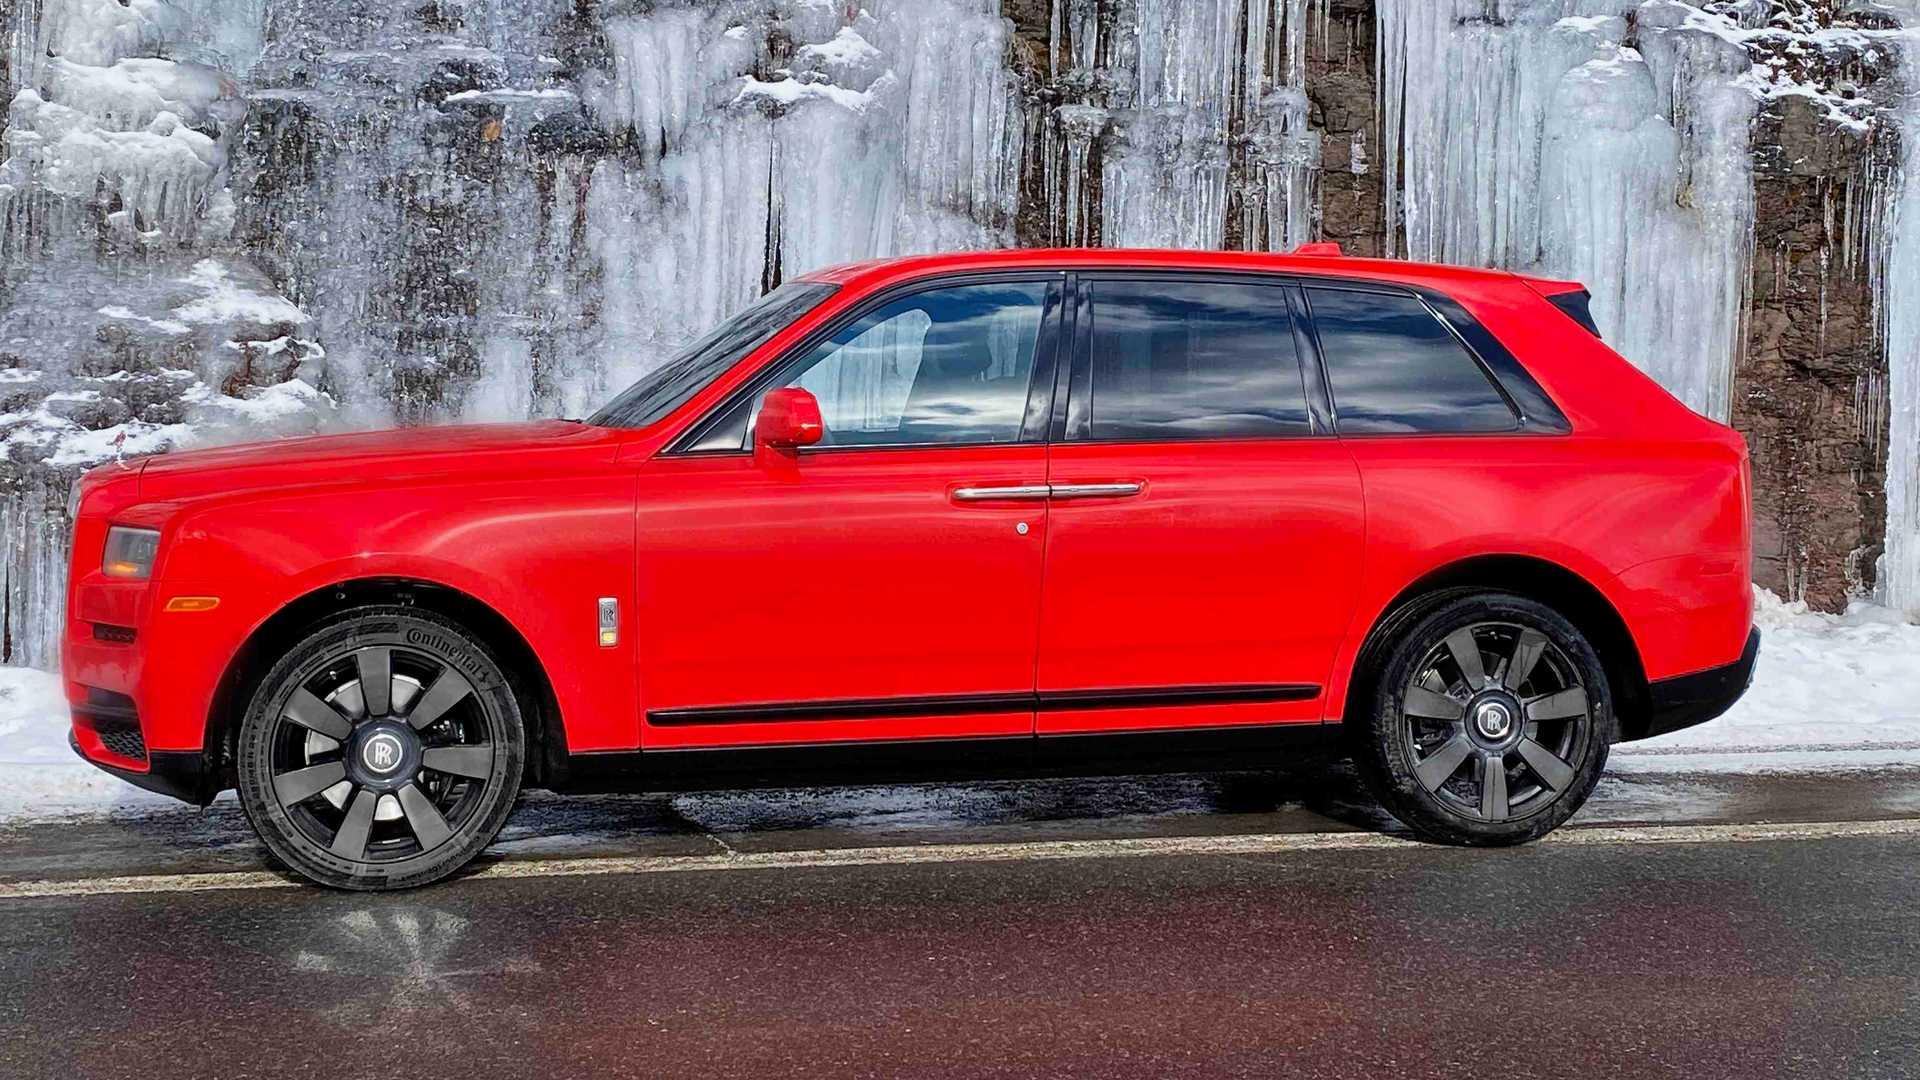 Rolls-Royce-Cullinan-bespoke-colors-17